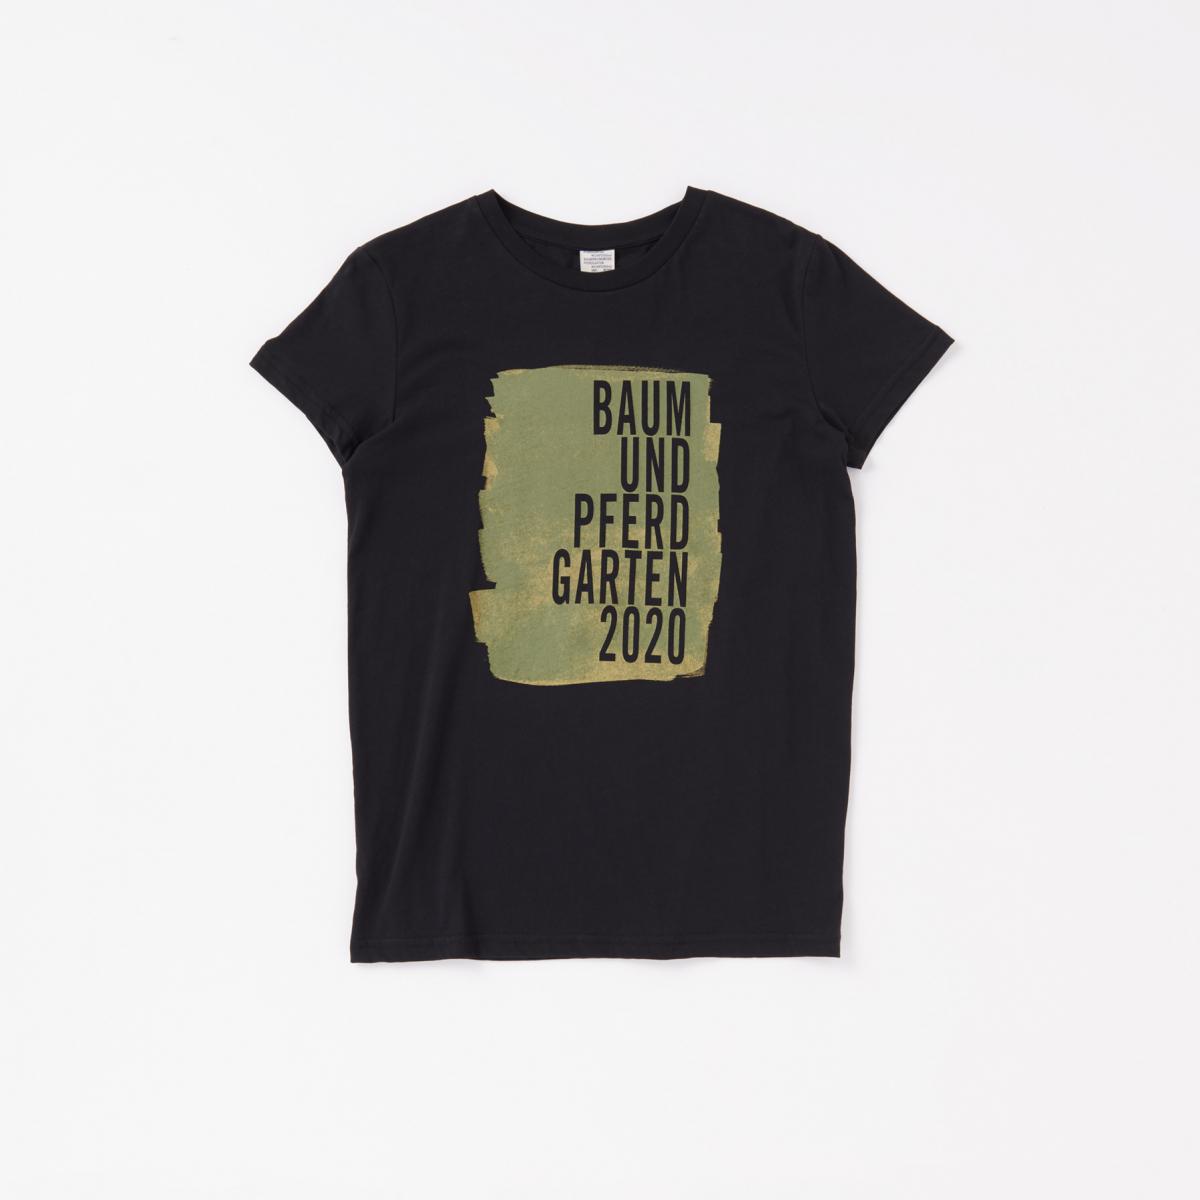 ブランドの魅力が詰まったロゴTシャツ【バウム・ウンド・ヘルガーテン】